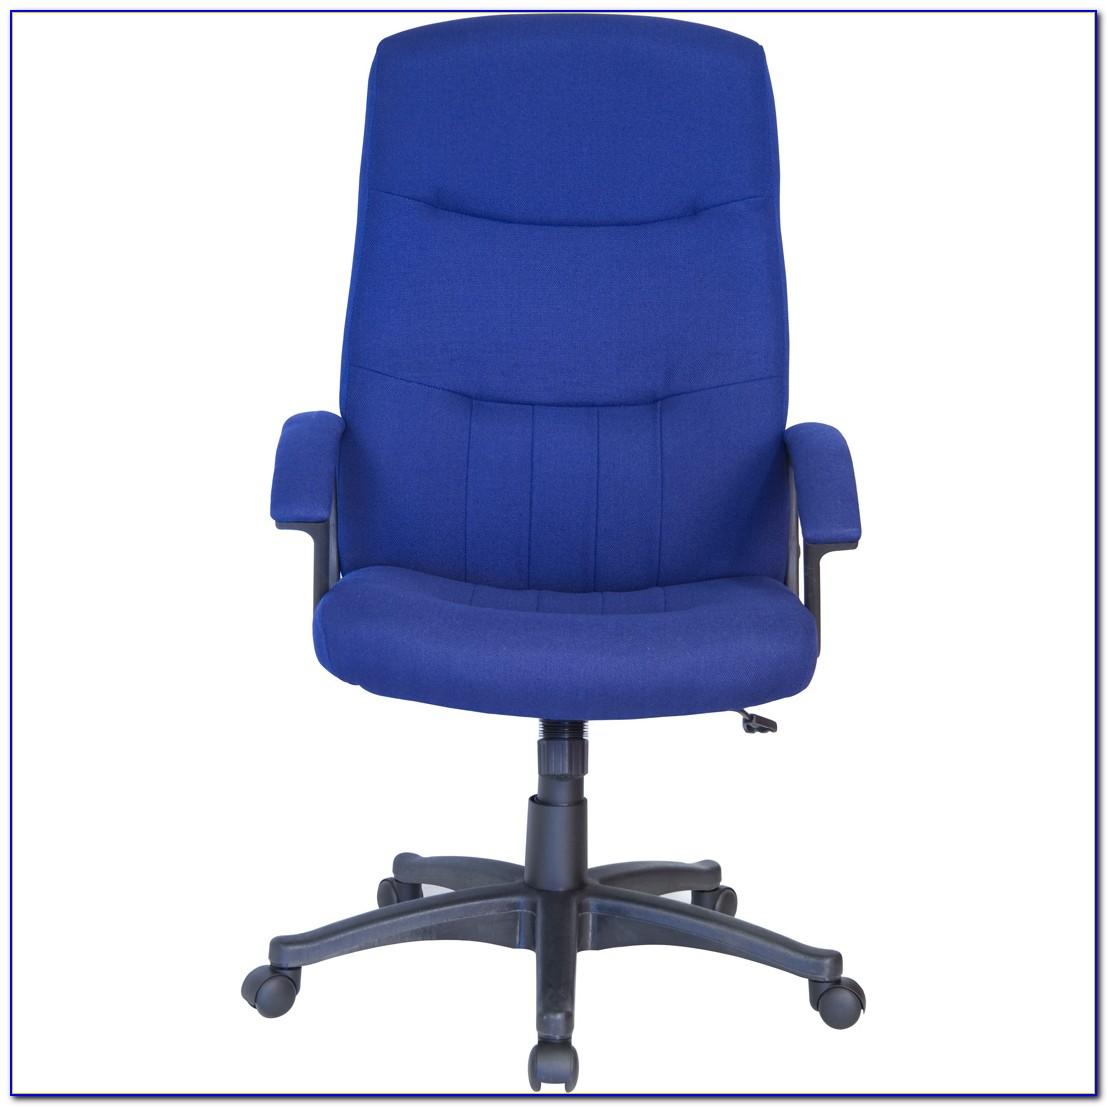 Navy Blue Upholstered Desk Chair